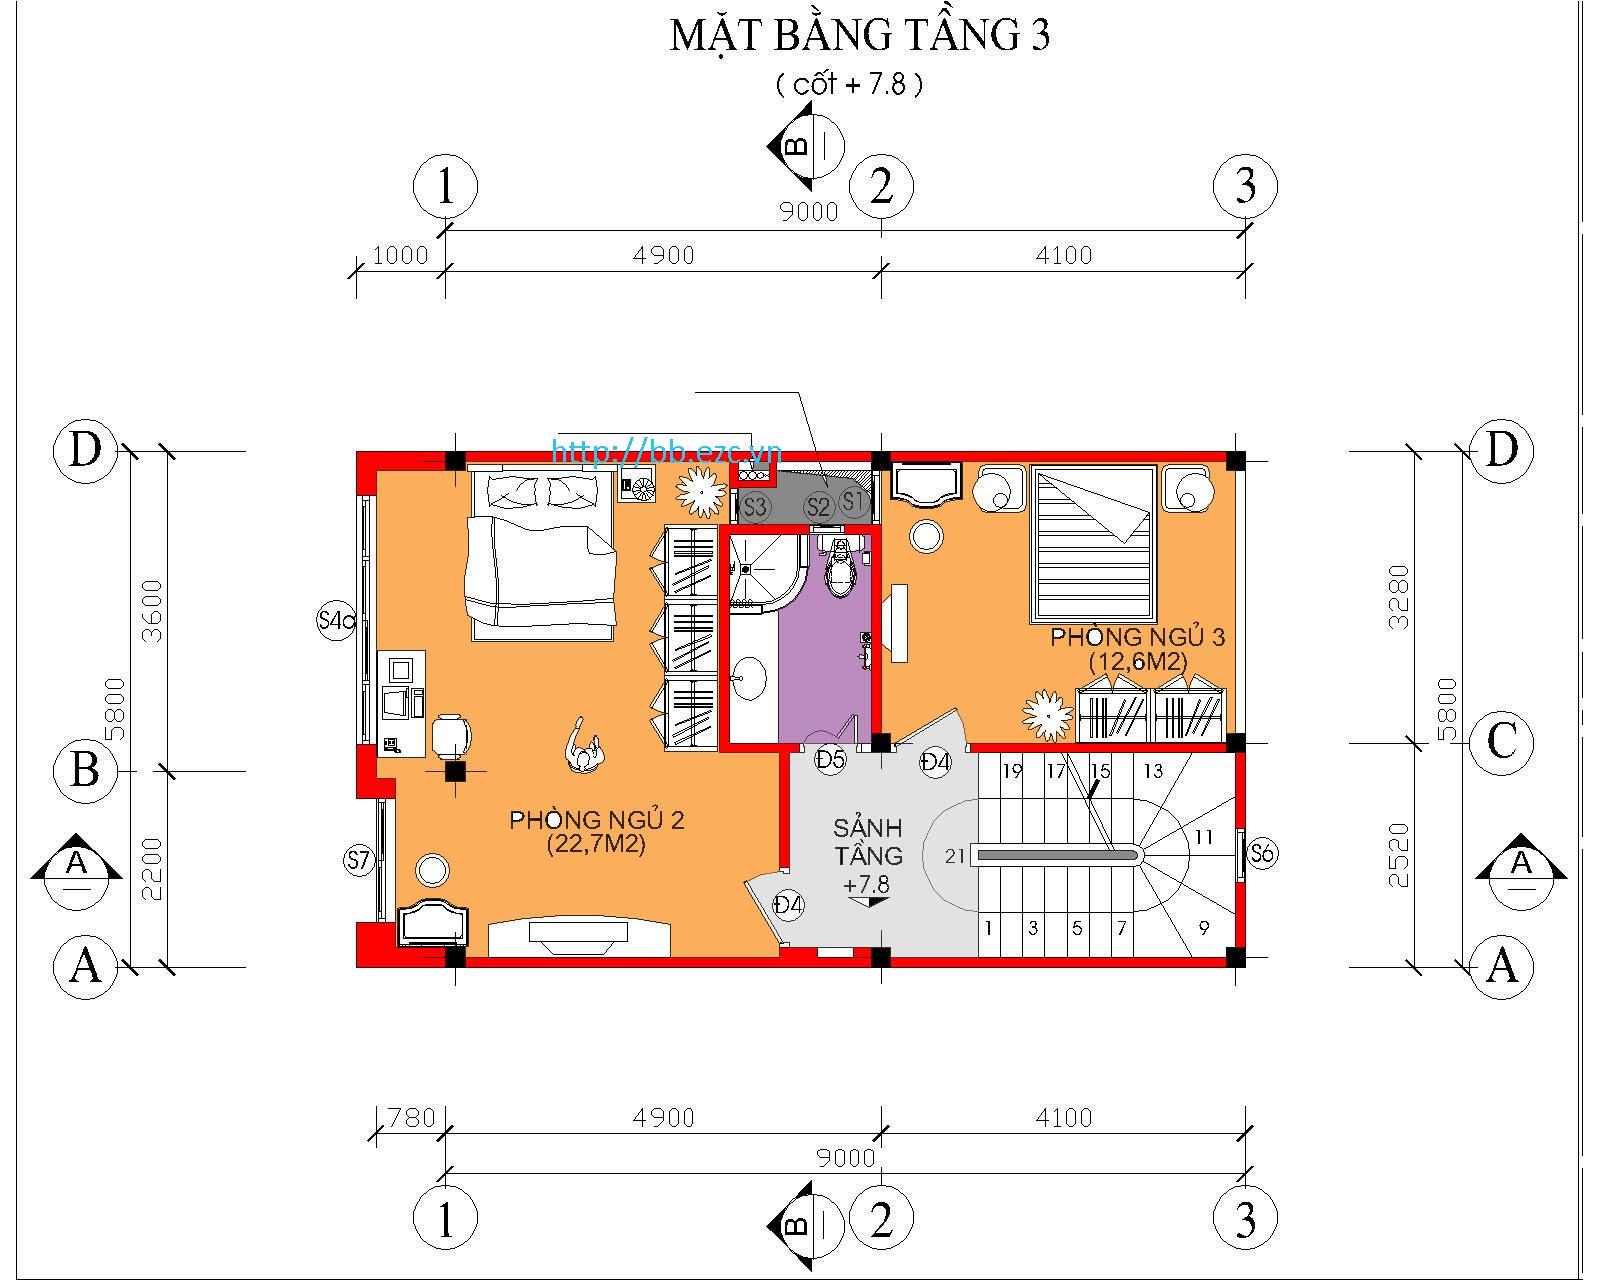 Nhà ống (nhà phố) 5.8x9m - 5 tầng - 3 phòng ngủ - Mặt bằng tầng 3